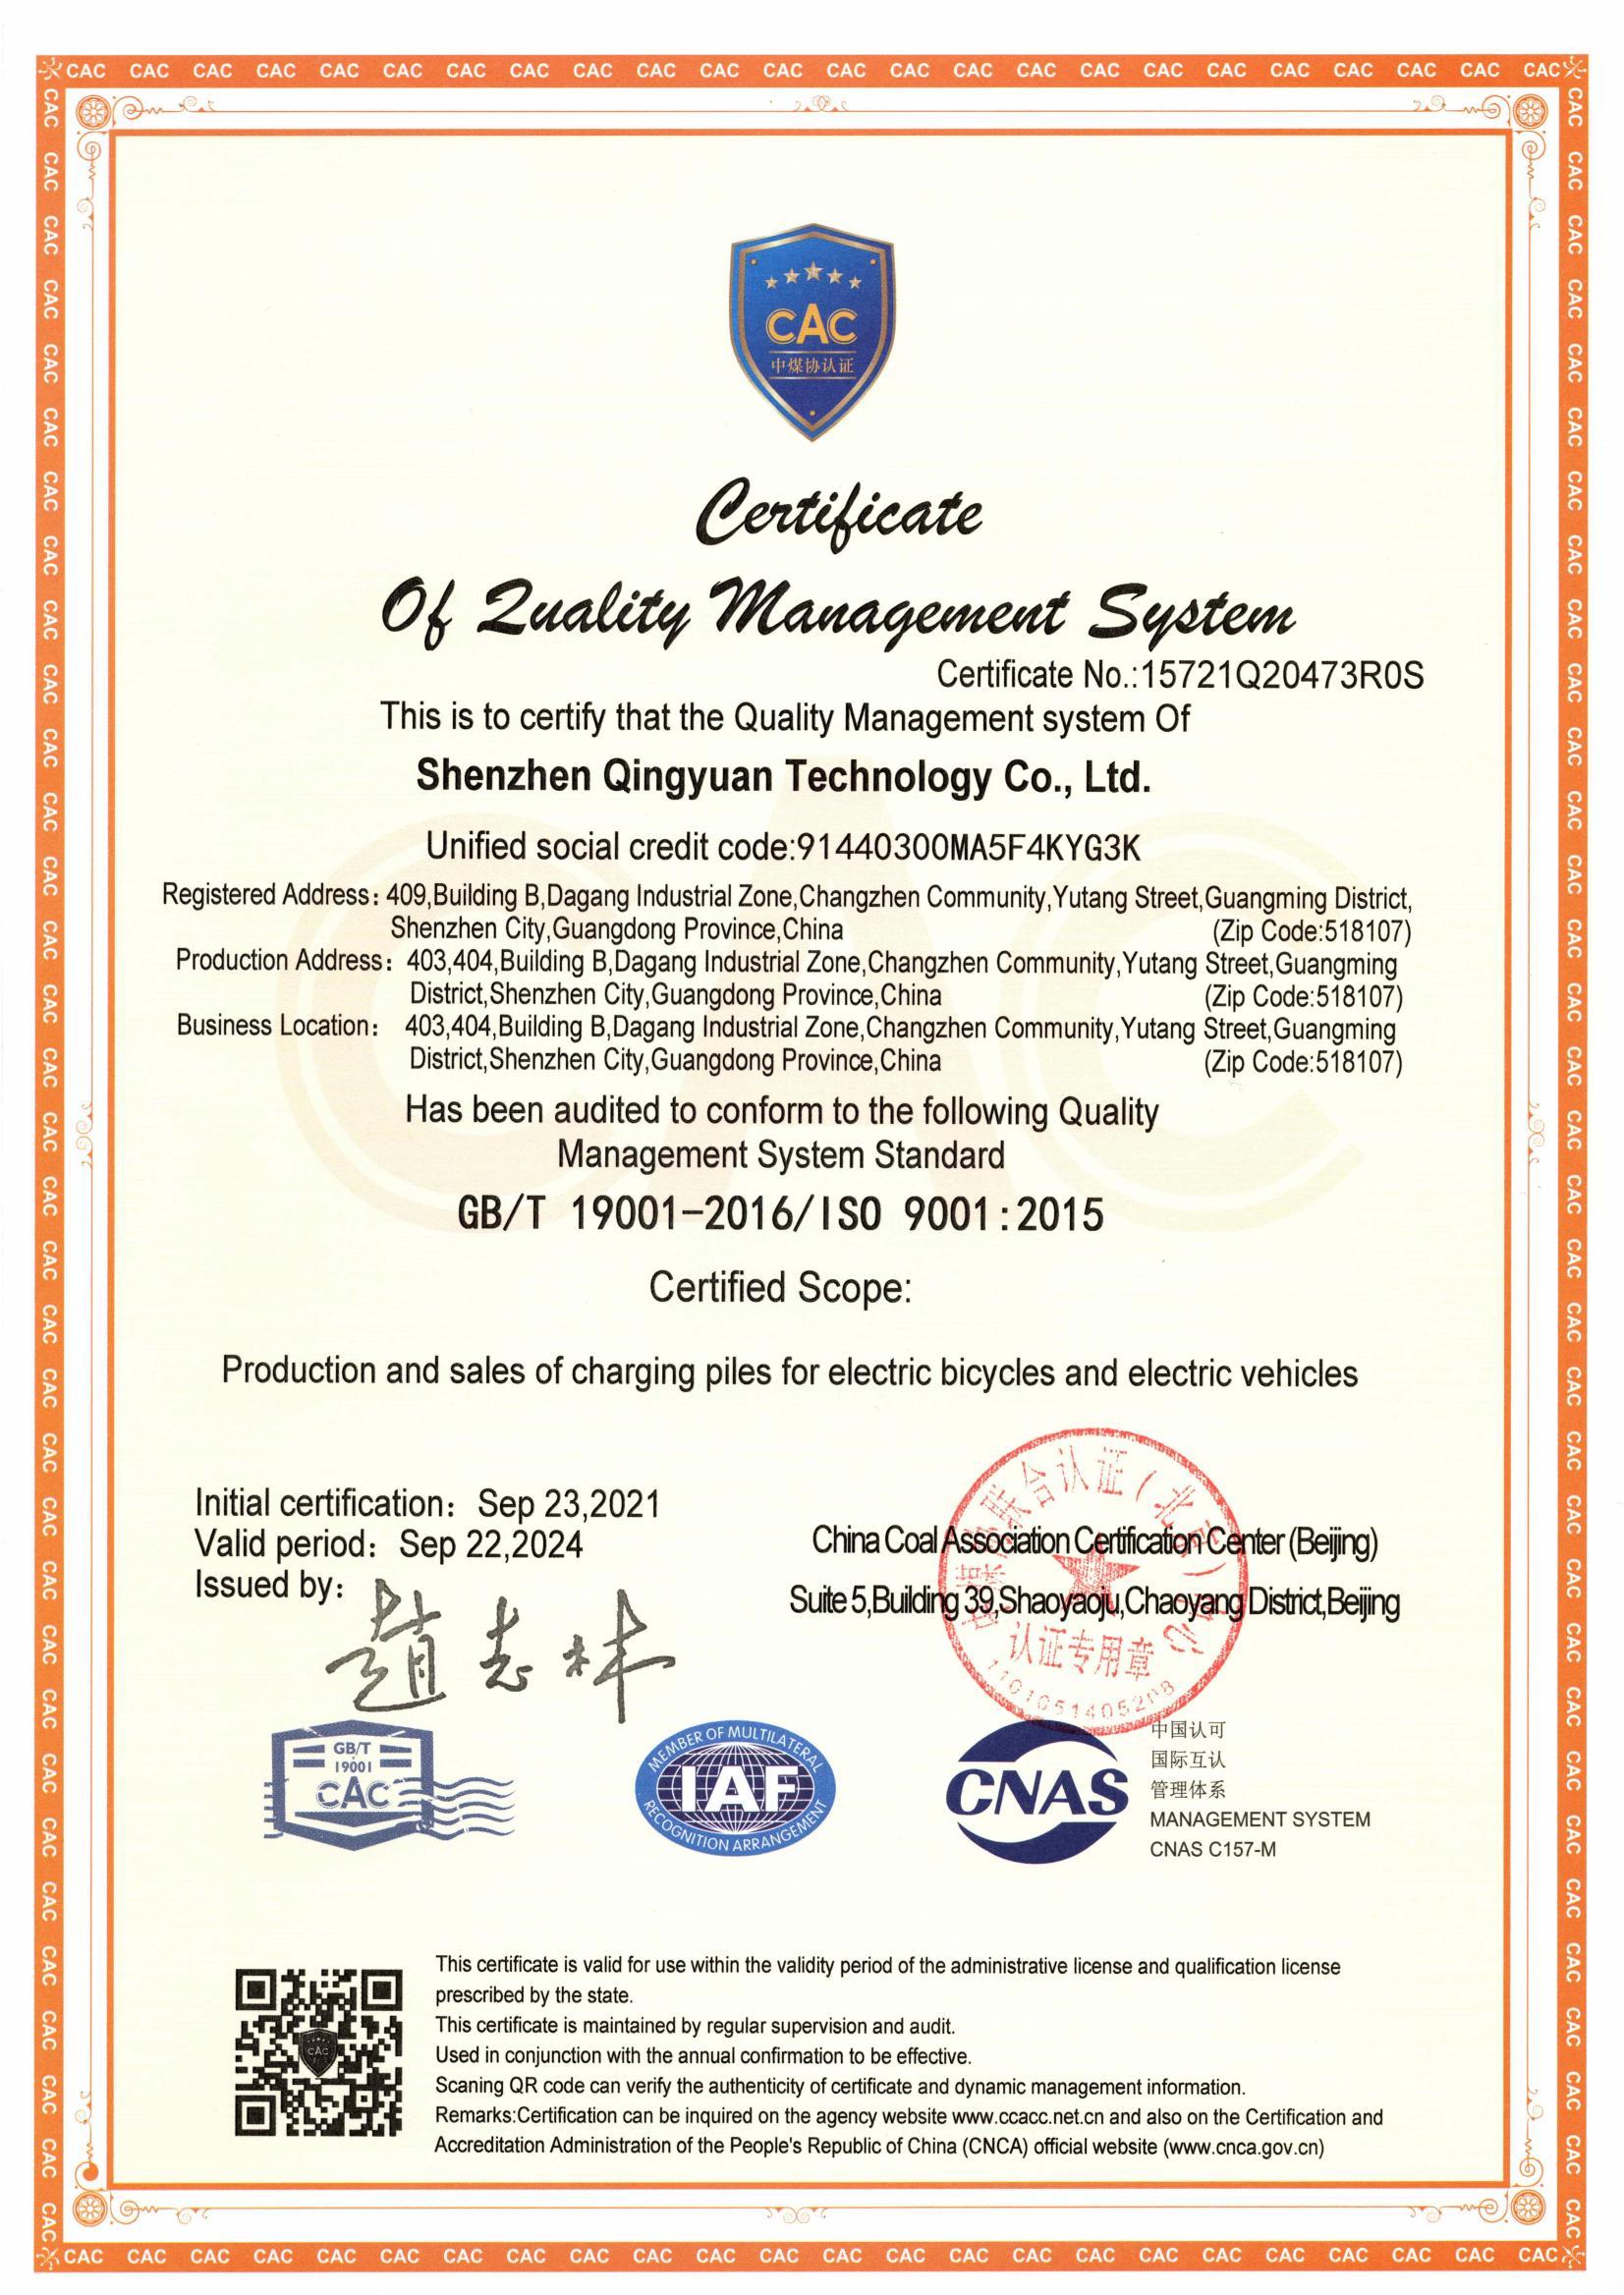 ISO 9001:2015质量管理体系认证证书英文